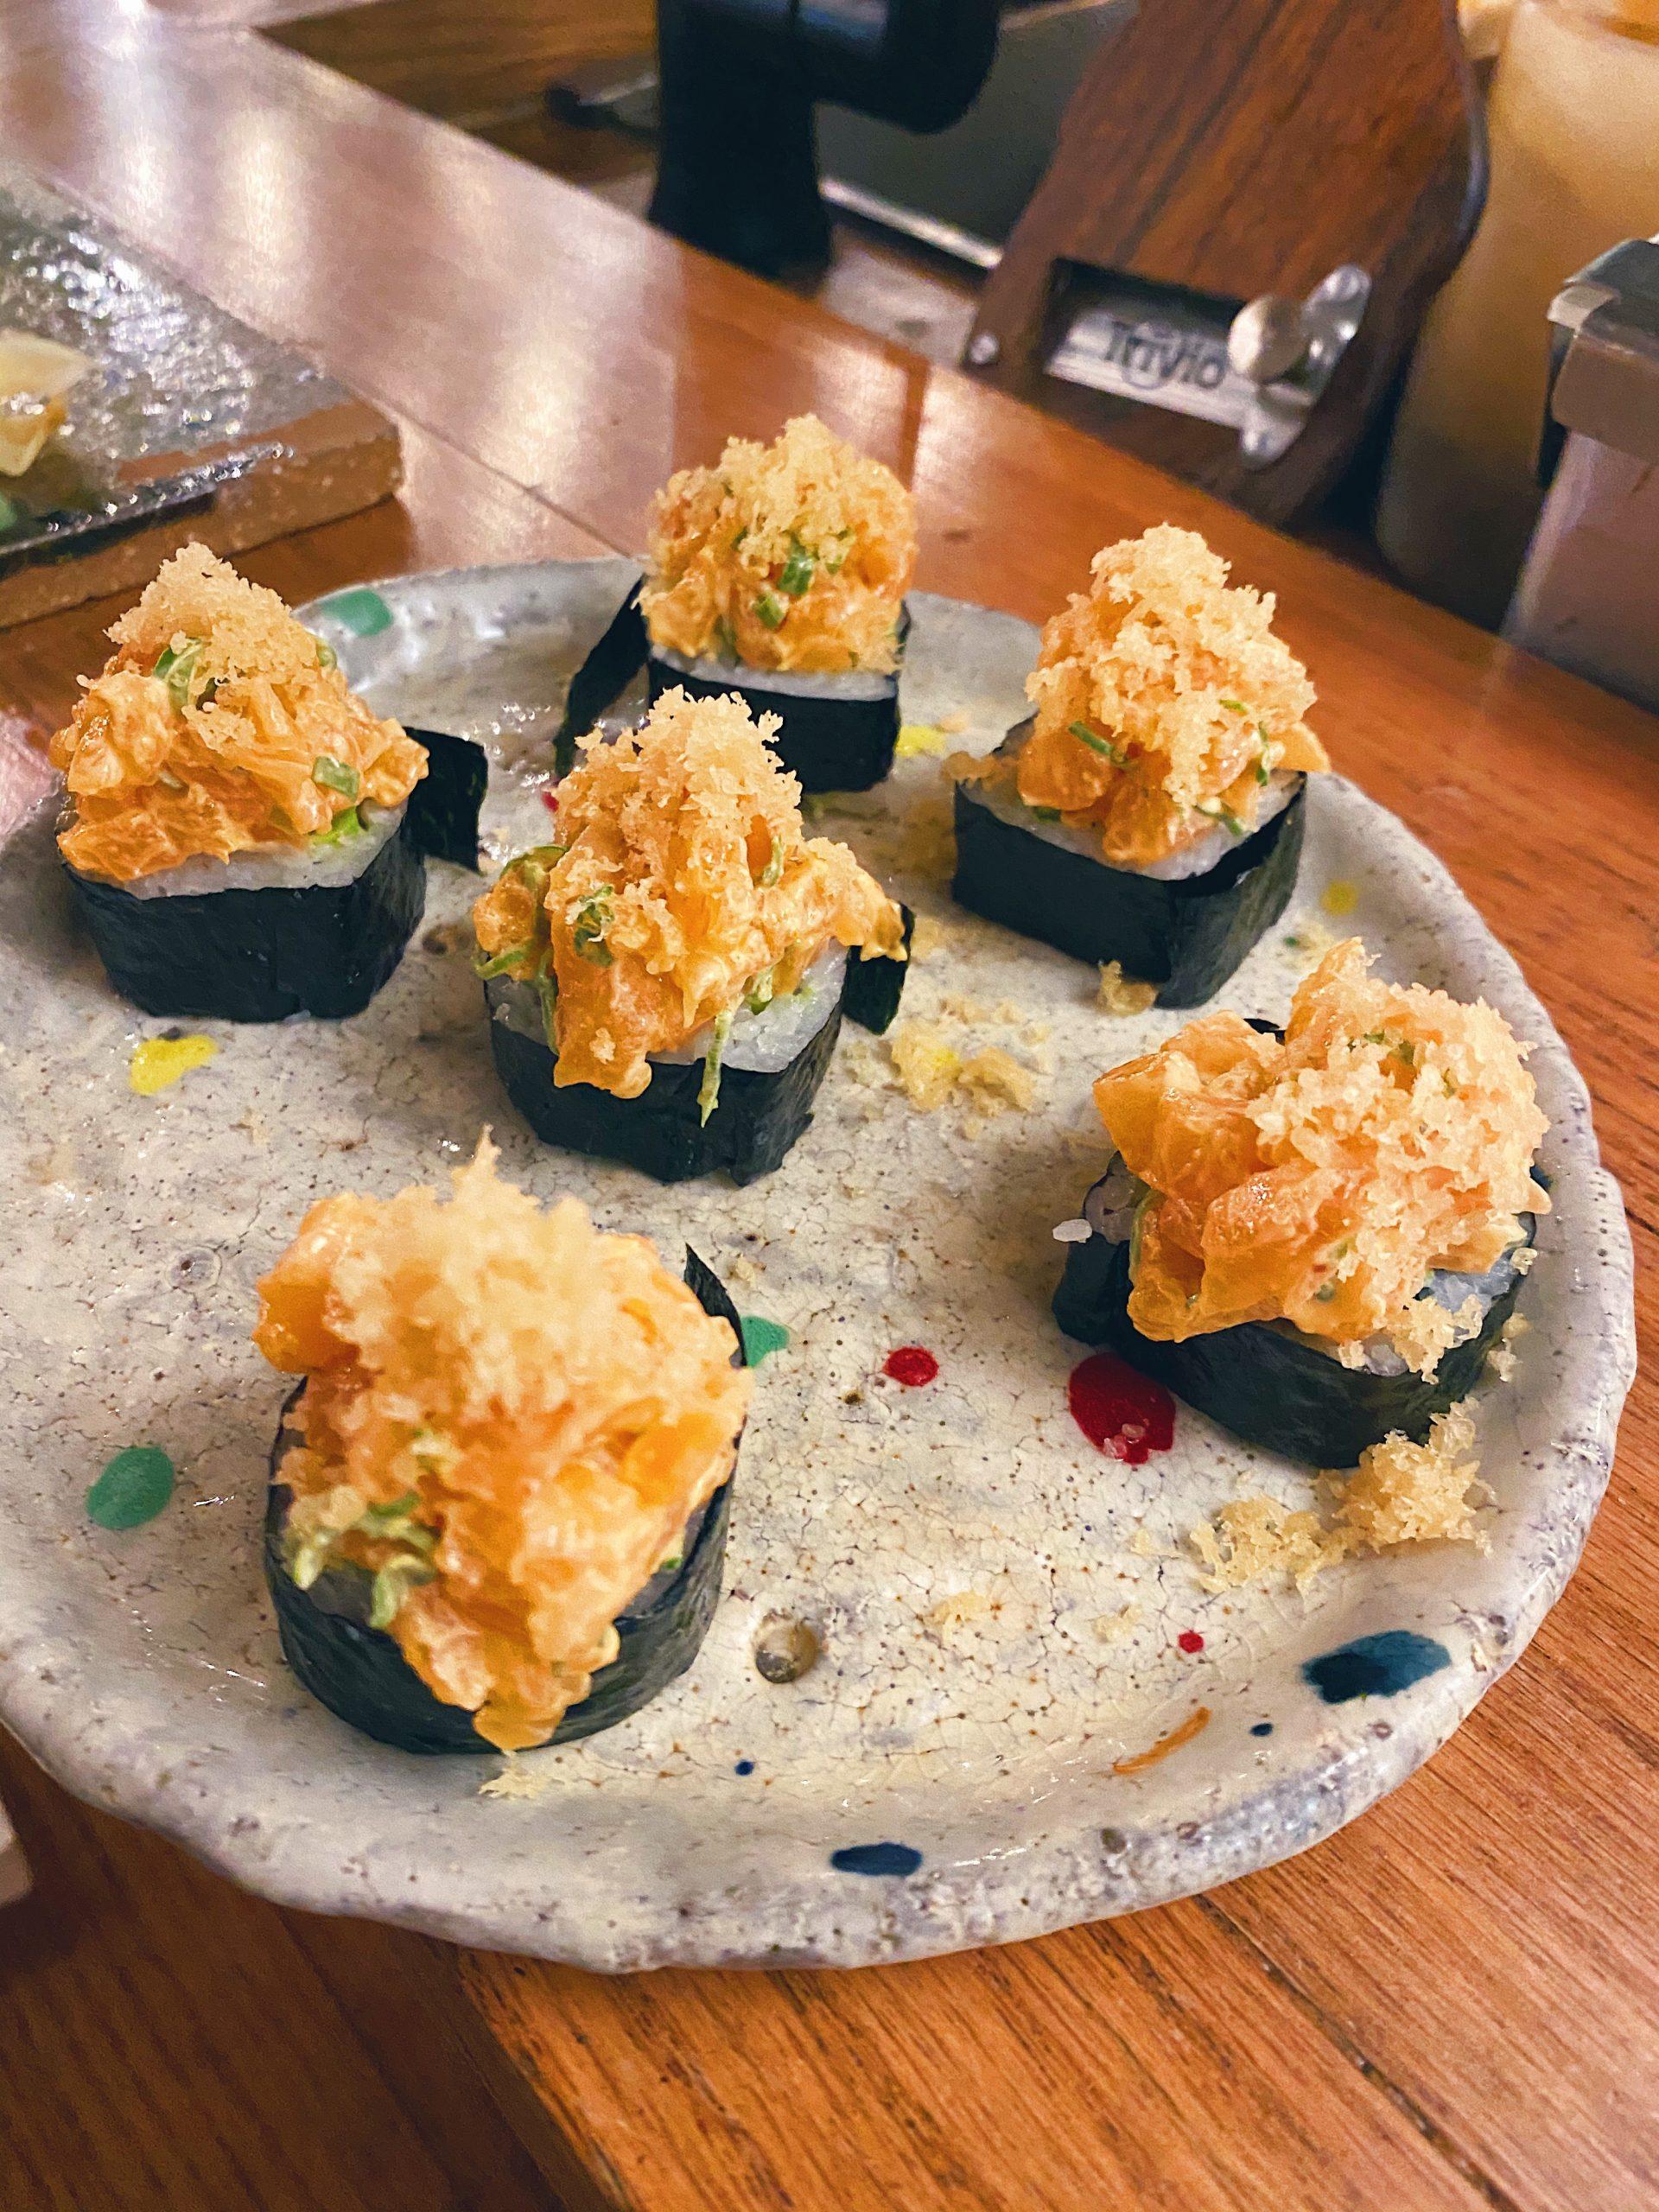 wu-haus-mexico-city-guide-food-sushi-madai